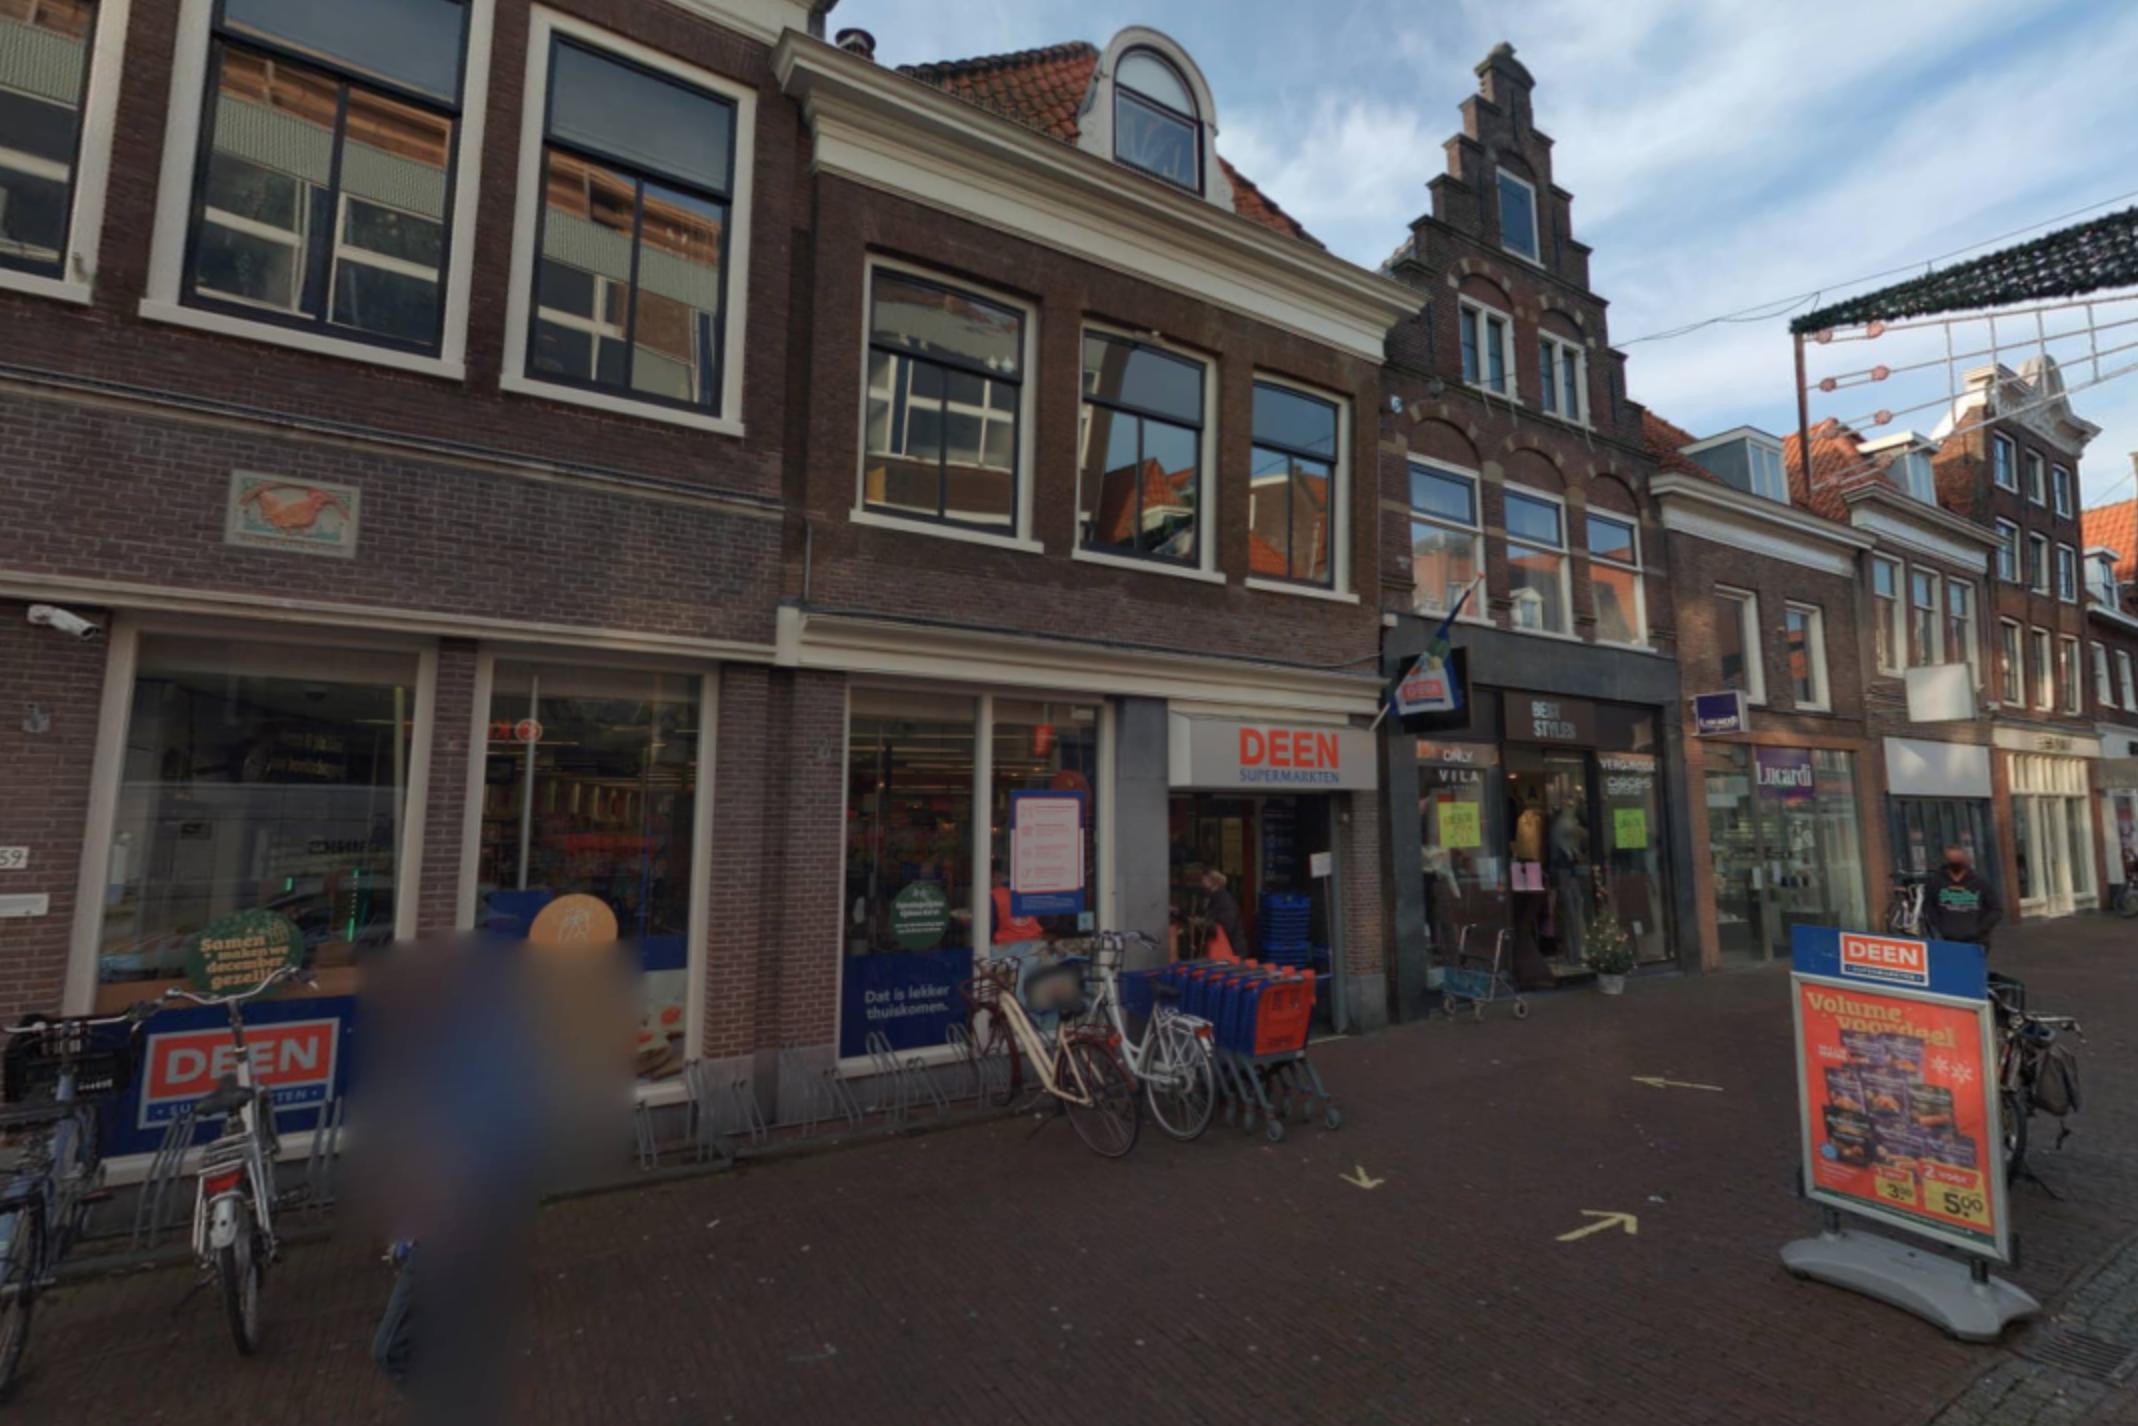 Deen verkoopt 80 winkels en distributiecentra aan Albert Heijn, Vomar Voordeelmarkt en Dekamarkt. Supermarktketen verdwijnt uit het straatbeeld [video]